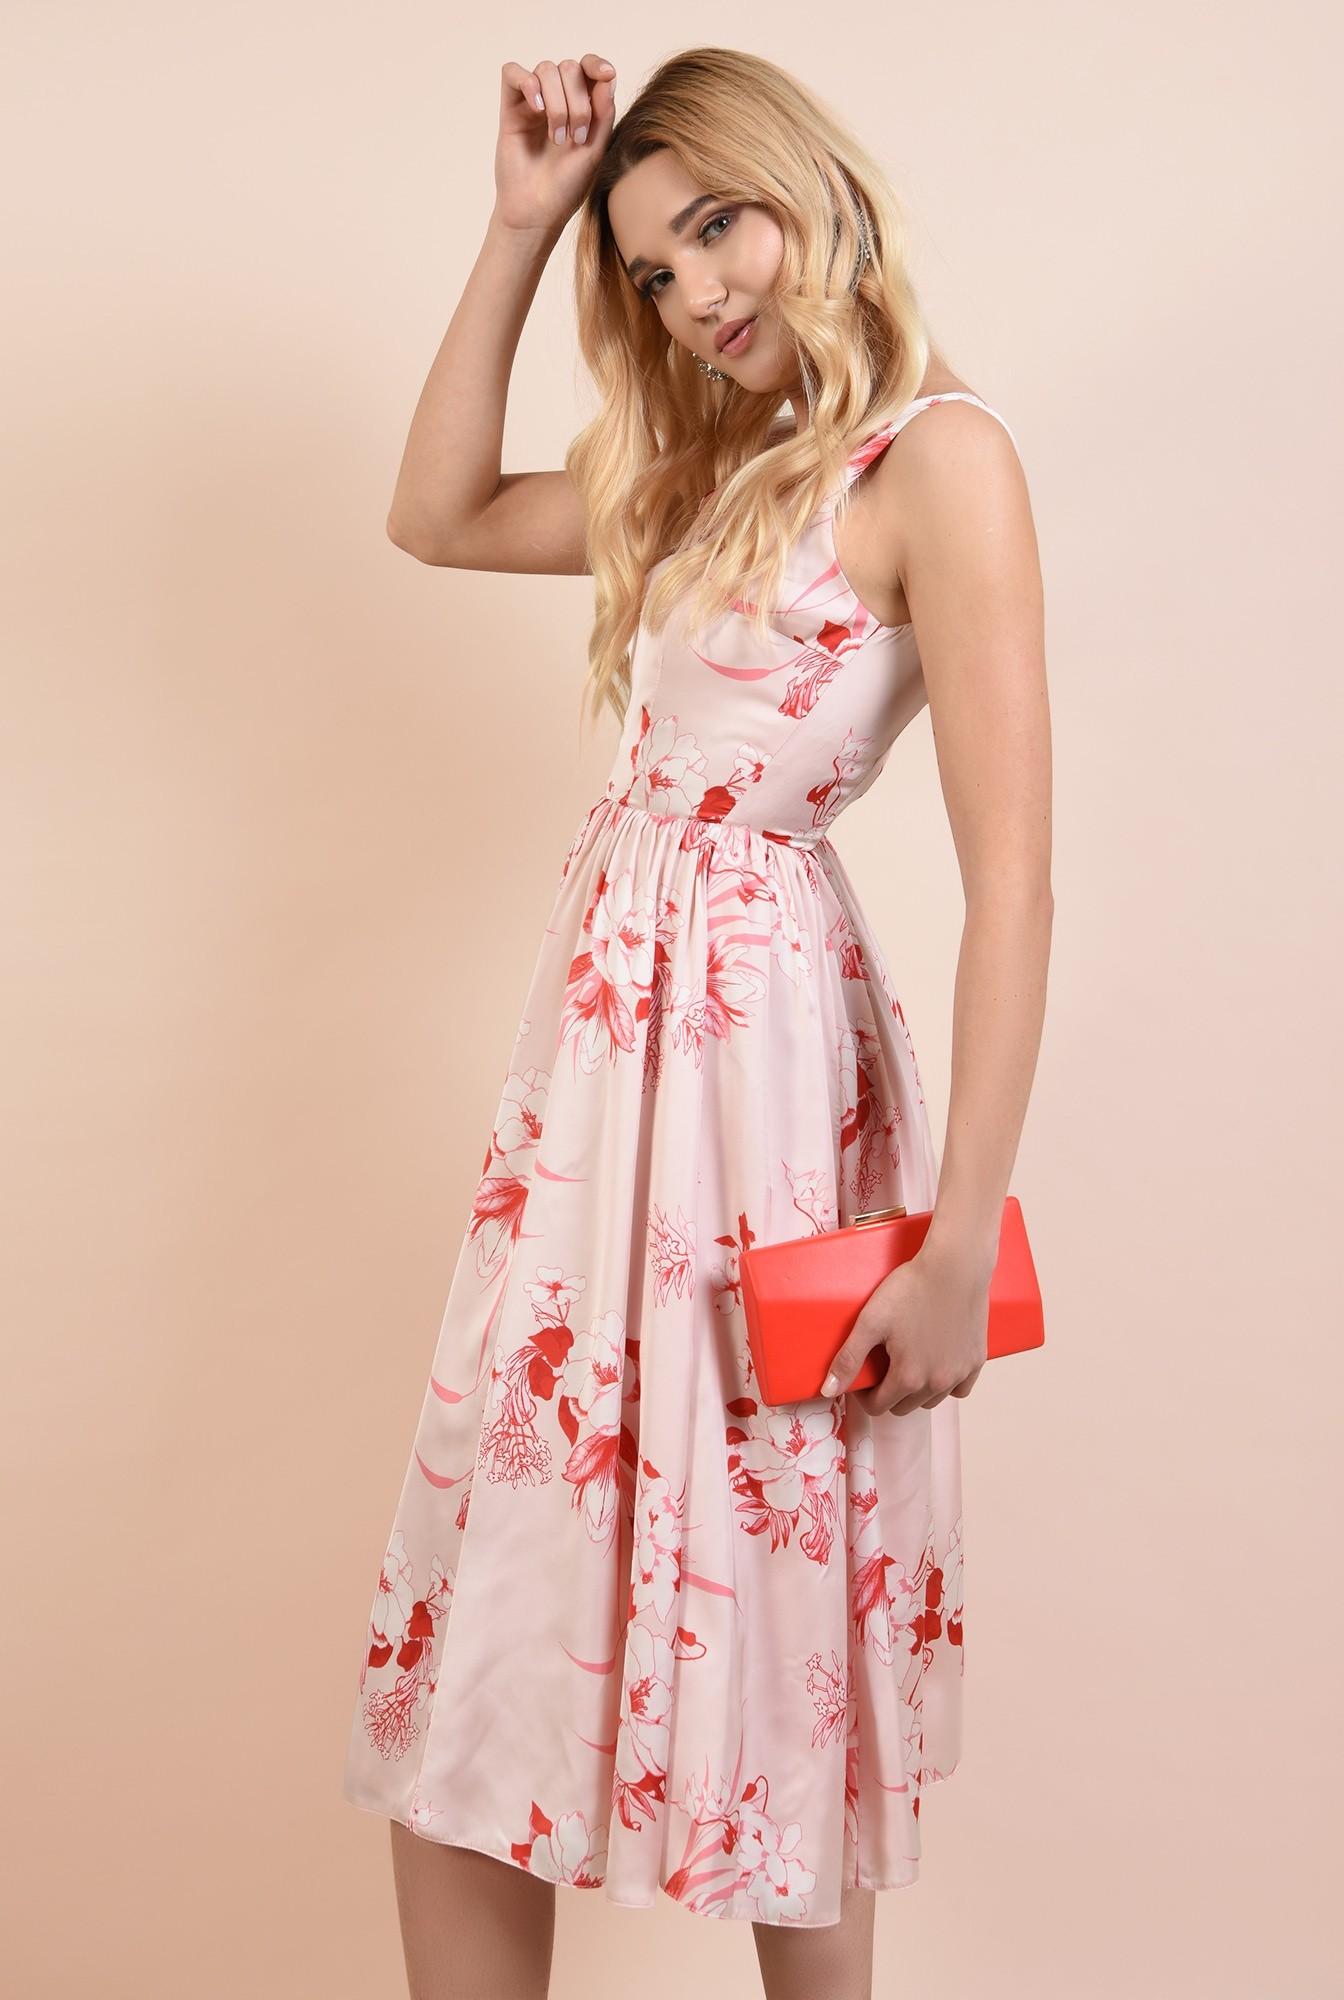 0 - 360 - rochie midi, eleganta, clos, cu imprimeu floral, anchior